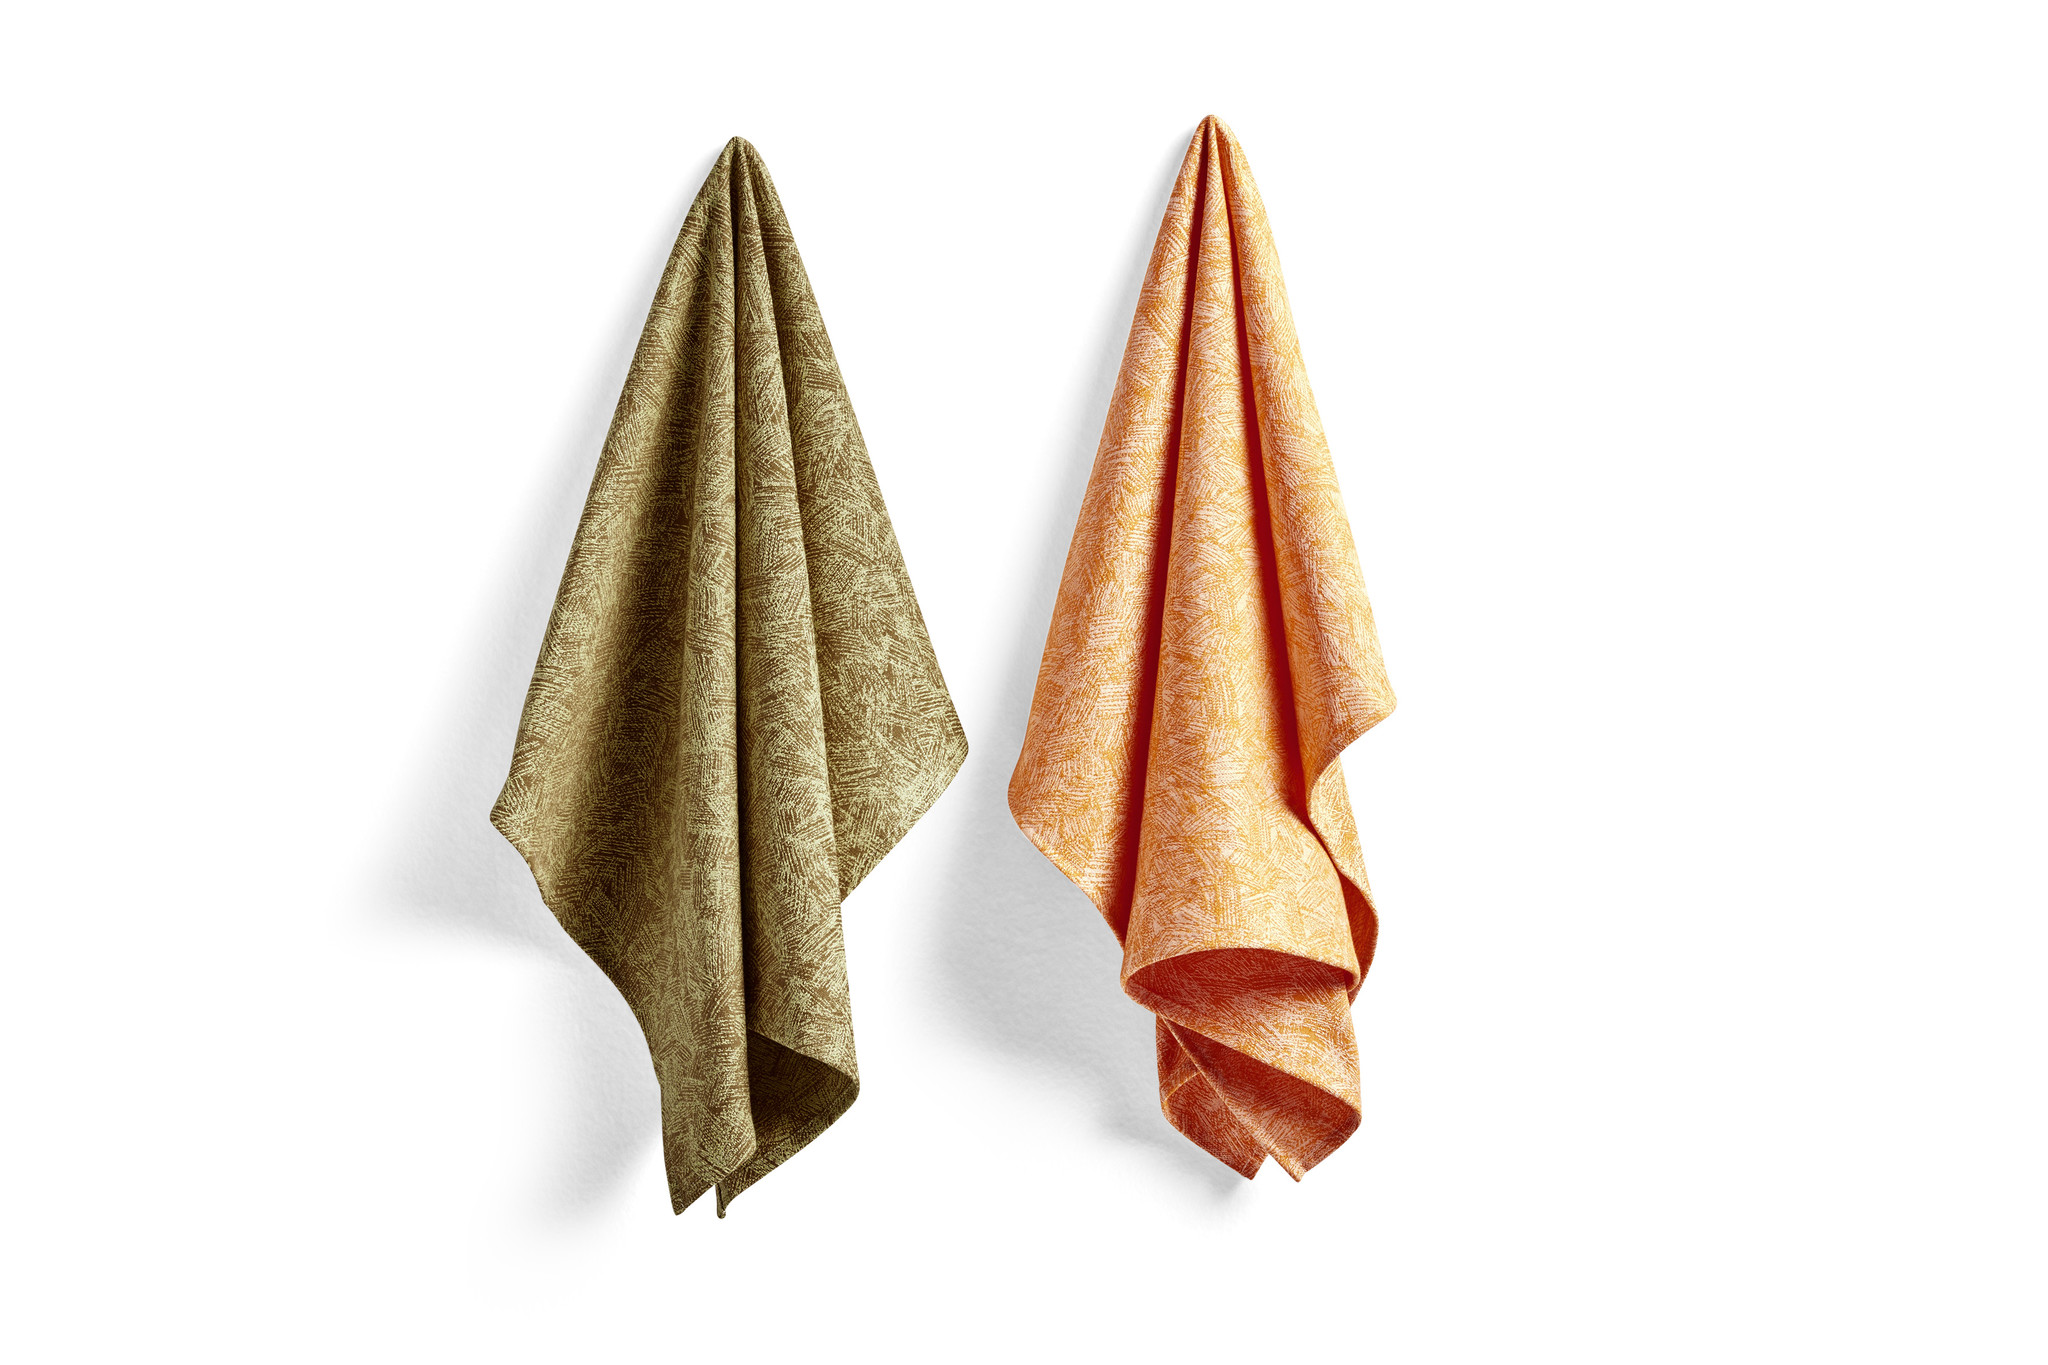 Tea towel S&B 2 Pcs.-11